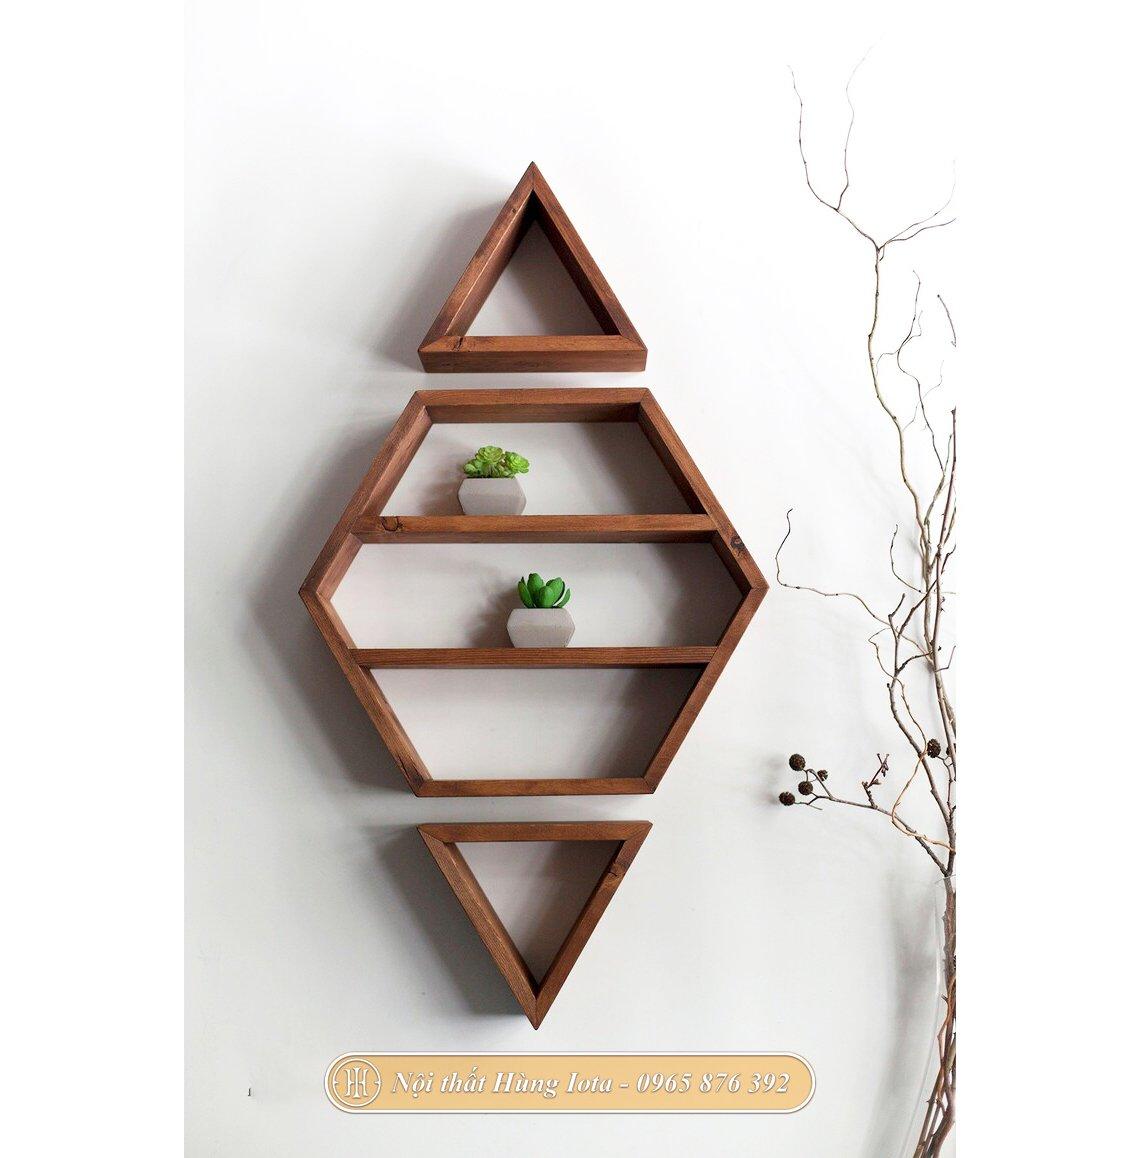 Kệ gỗ hình thoi trang trí phòng khách, phòng ngủ